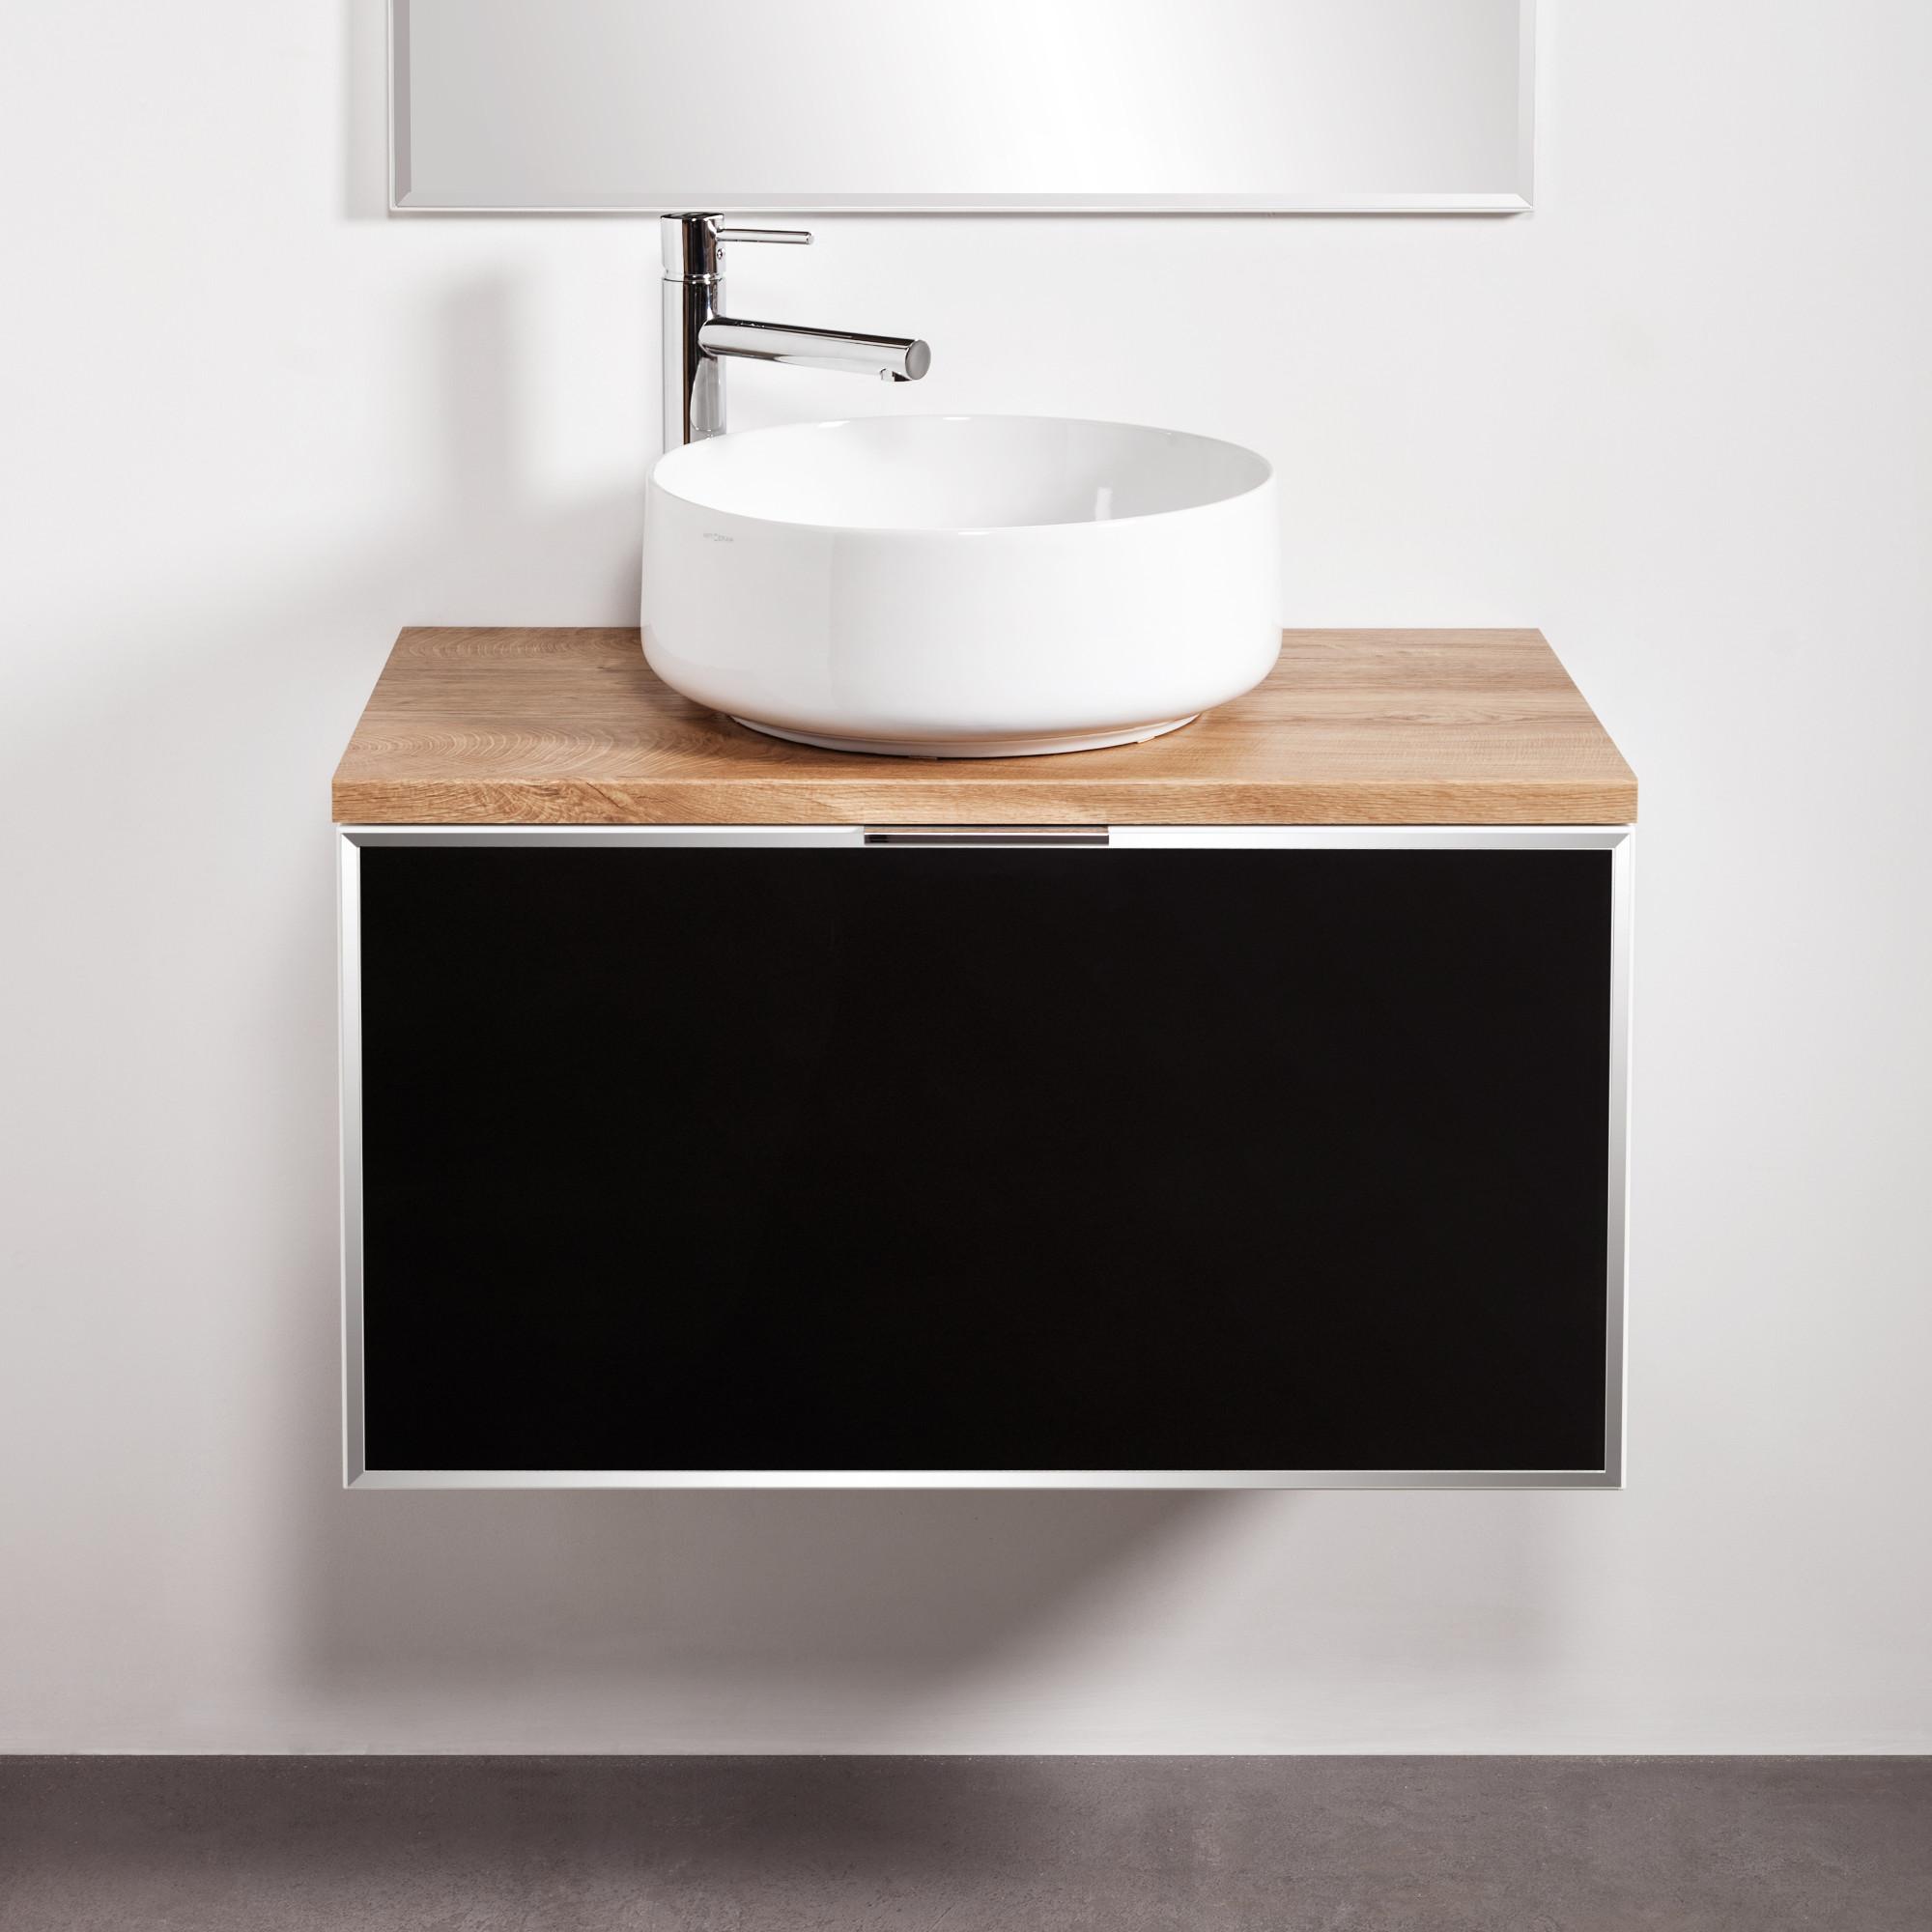 Szafka łazienkowa Sanitti Delta 80 cm kolor frontu czarny z blatem dąb classic i umywalką Art-42